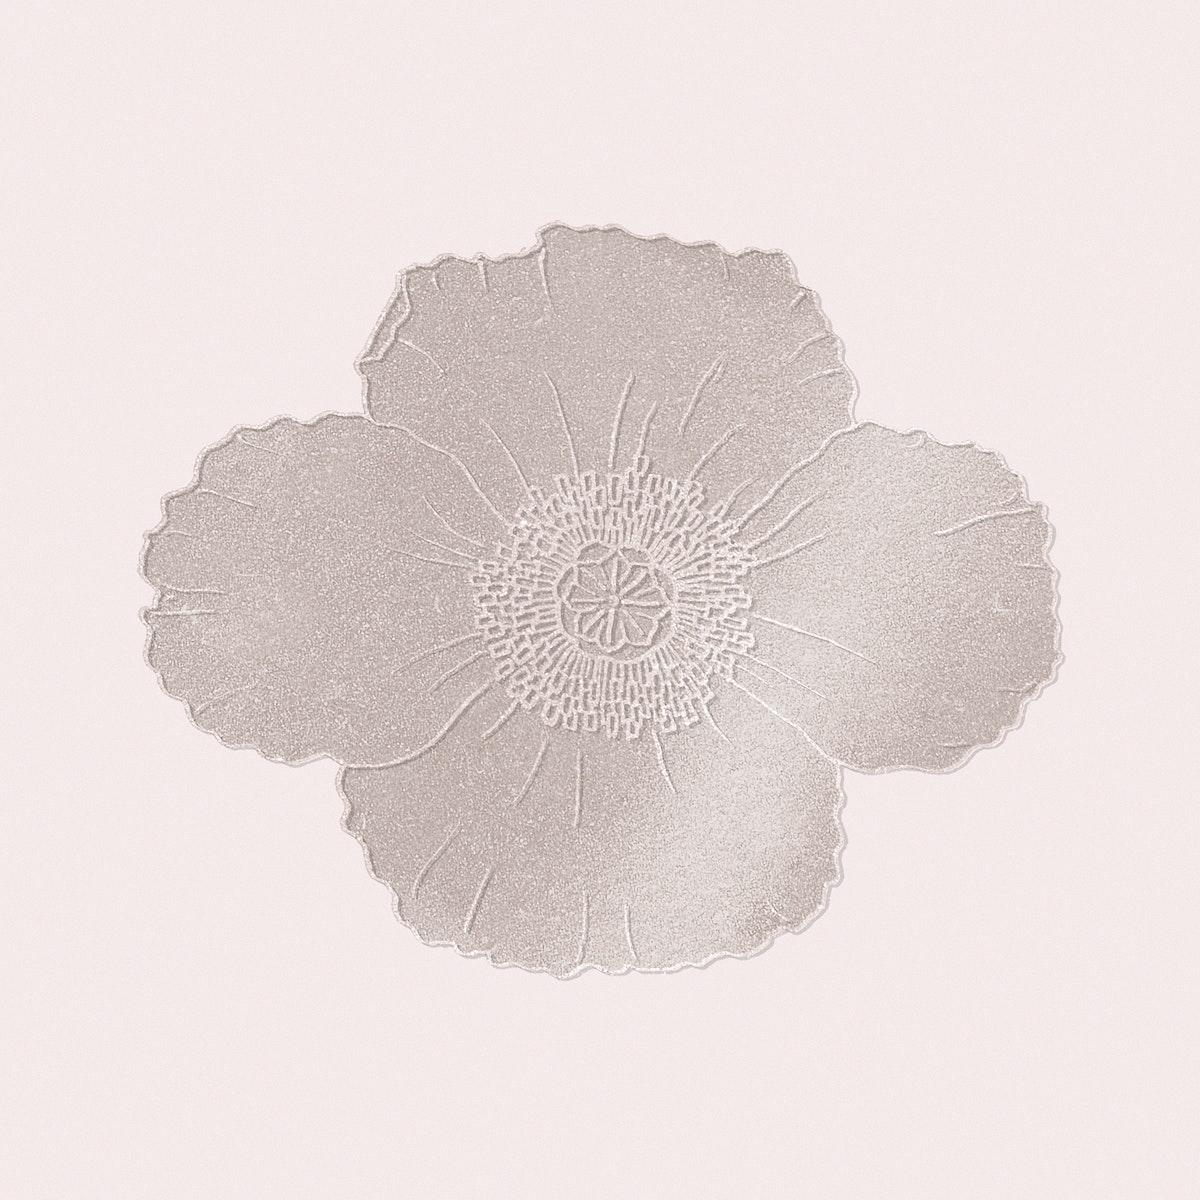 Shiny poppy flower design element